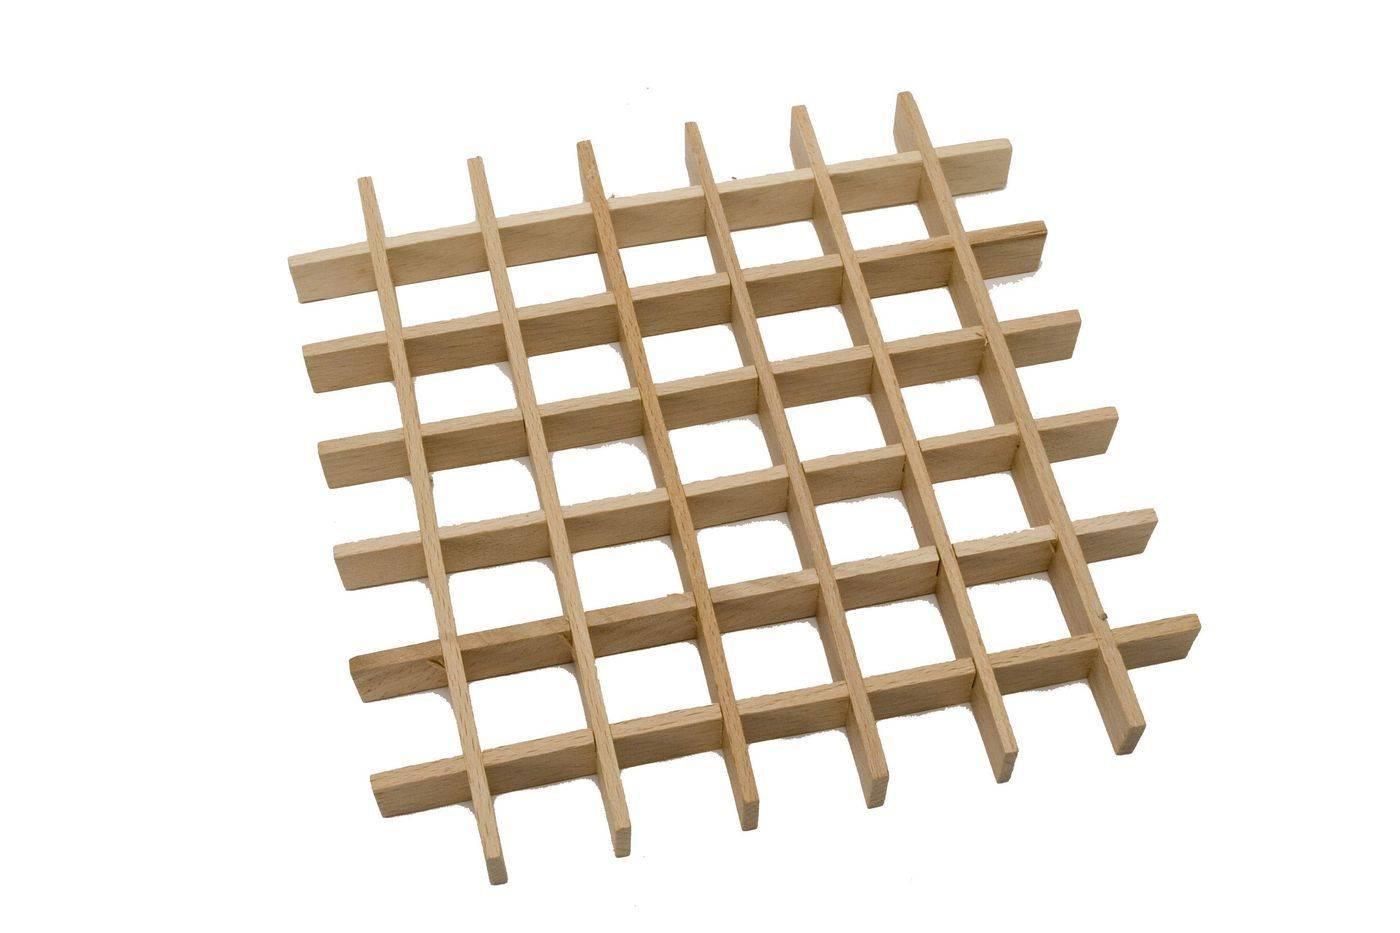 Podložka mřížková - 25 čtverečků, 195 x 195 mm - Dřevovýroba Otradov